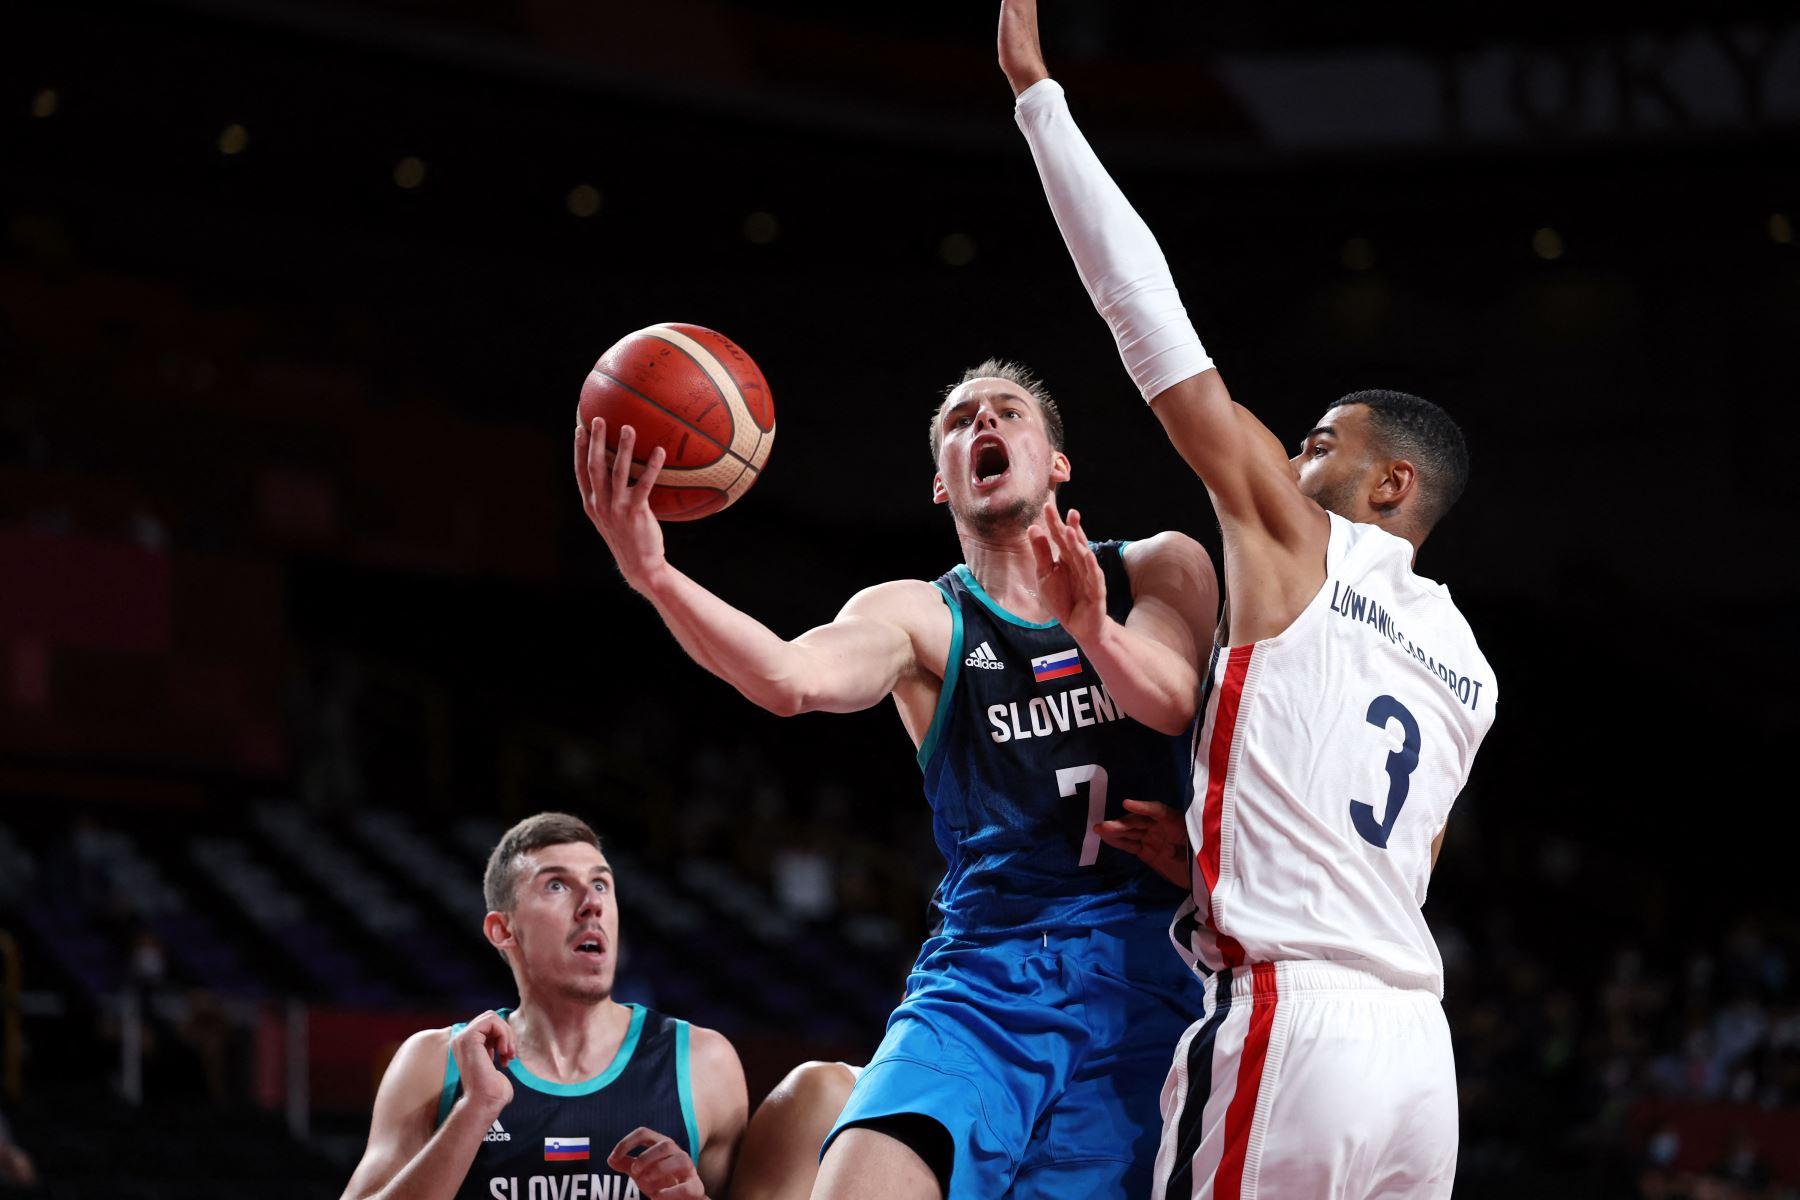 Klemen Prepelic  de Eslovenia va a la canasta y supera al francés Timothe Luwawu 3ongbo, en el partido de baloncesto de semifinales masculinos entre Francia y Eslovenia durante los Juegos Olímpicos de Tokio 2020. Foto: AFP